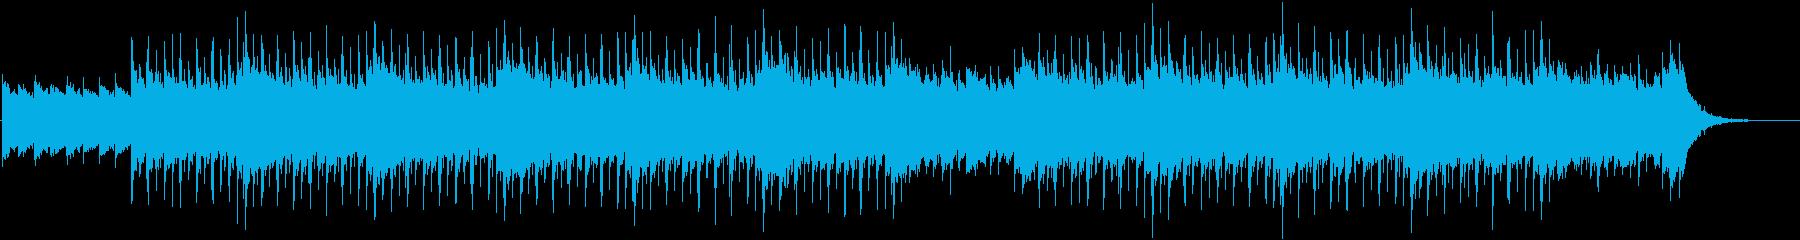 切なく幻想的なチルアウトの再生済みの波形